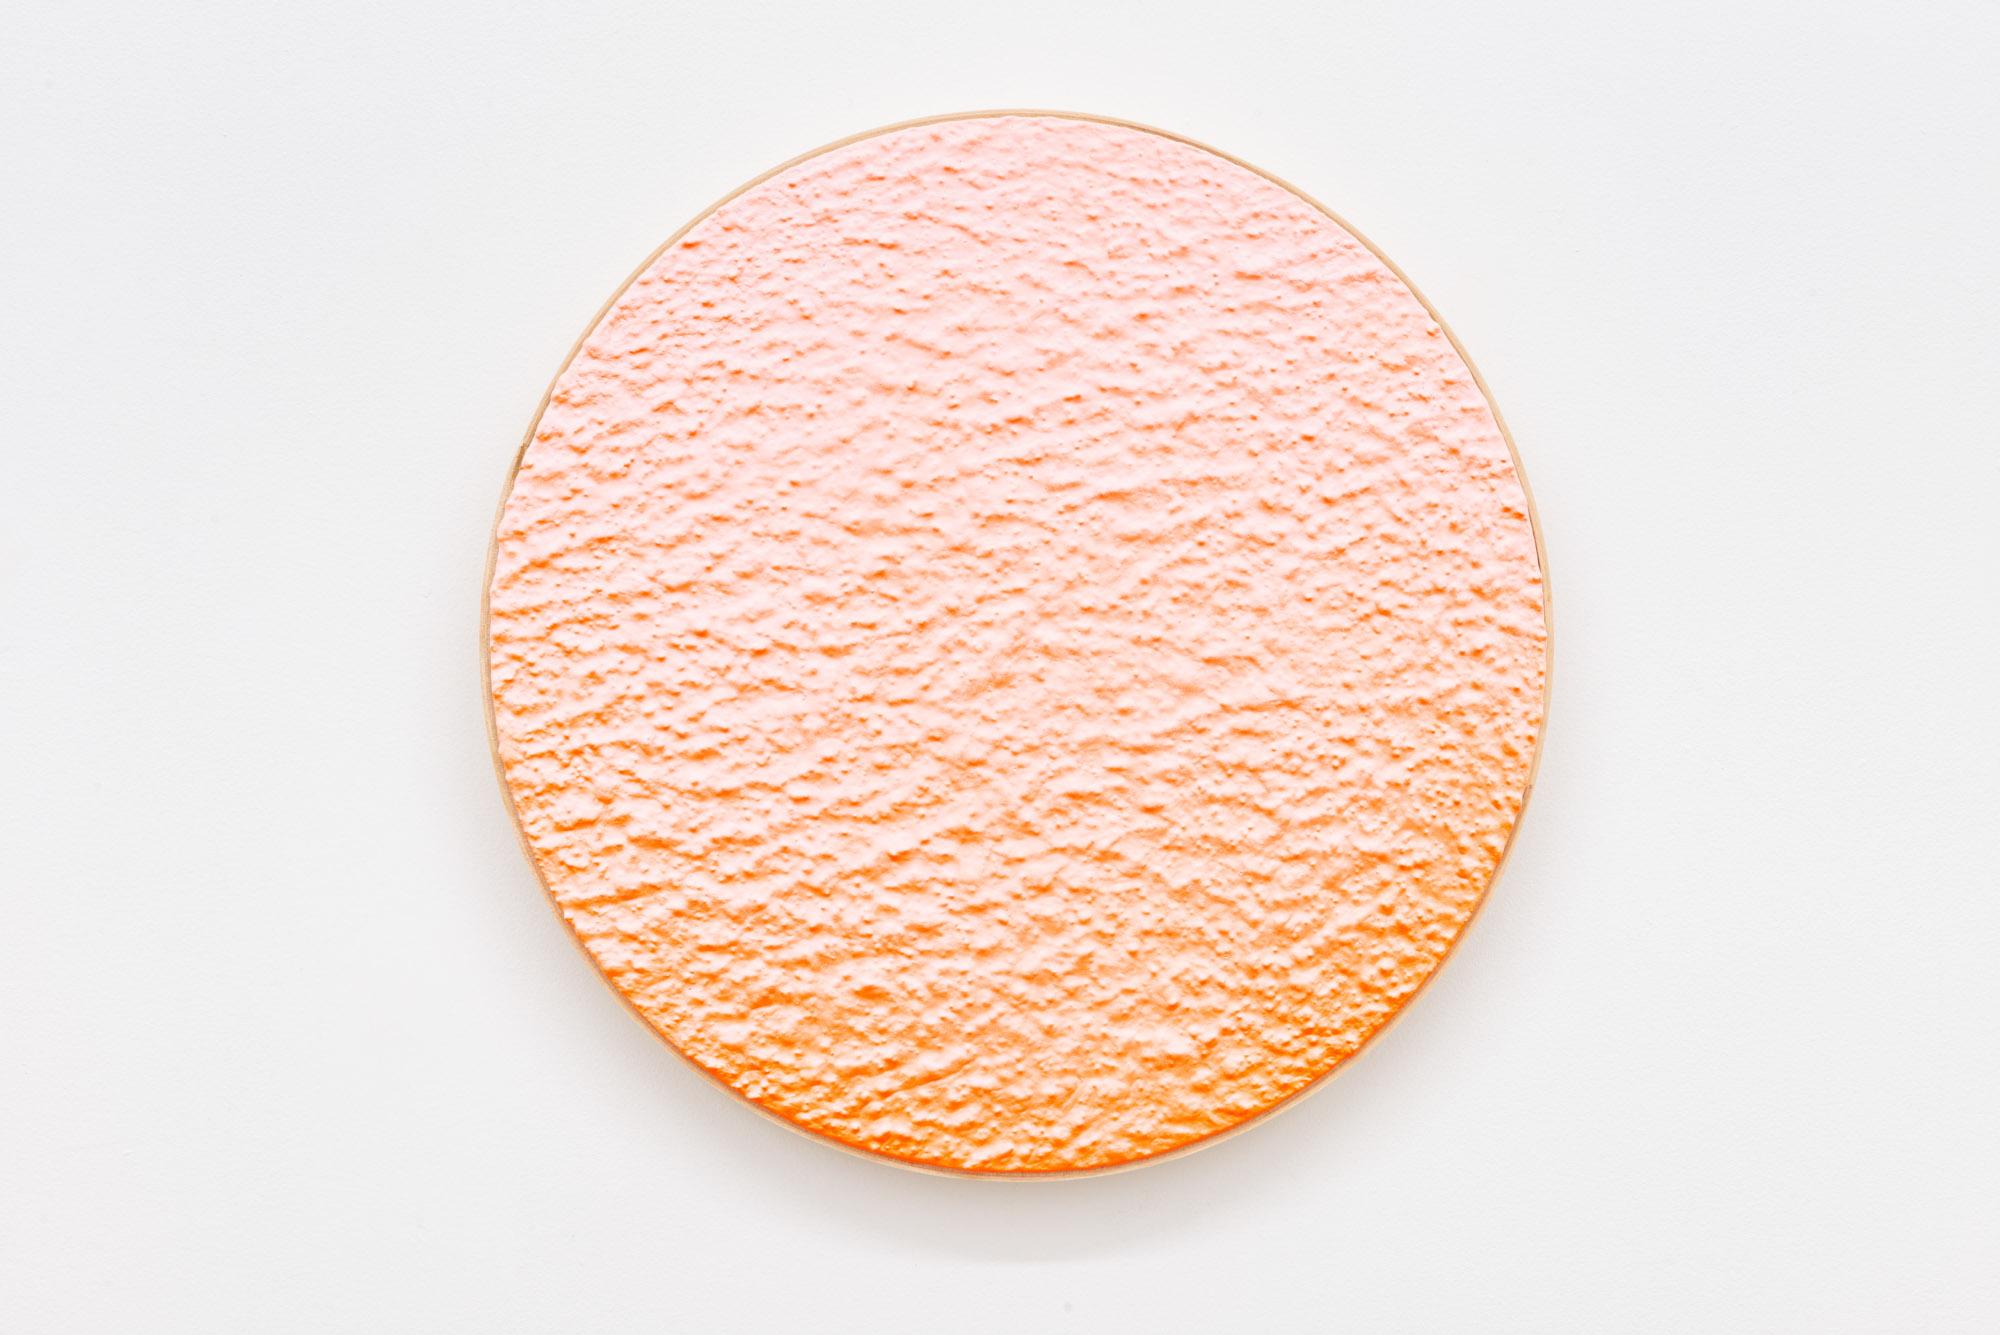 """Pierre Julien,  In the Deepest Oceans  - B008, 2018, stucco, peinture acrylique et peinture aérosol sur panneau de bois, 16"""" diamètre (41 cm)"""